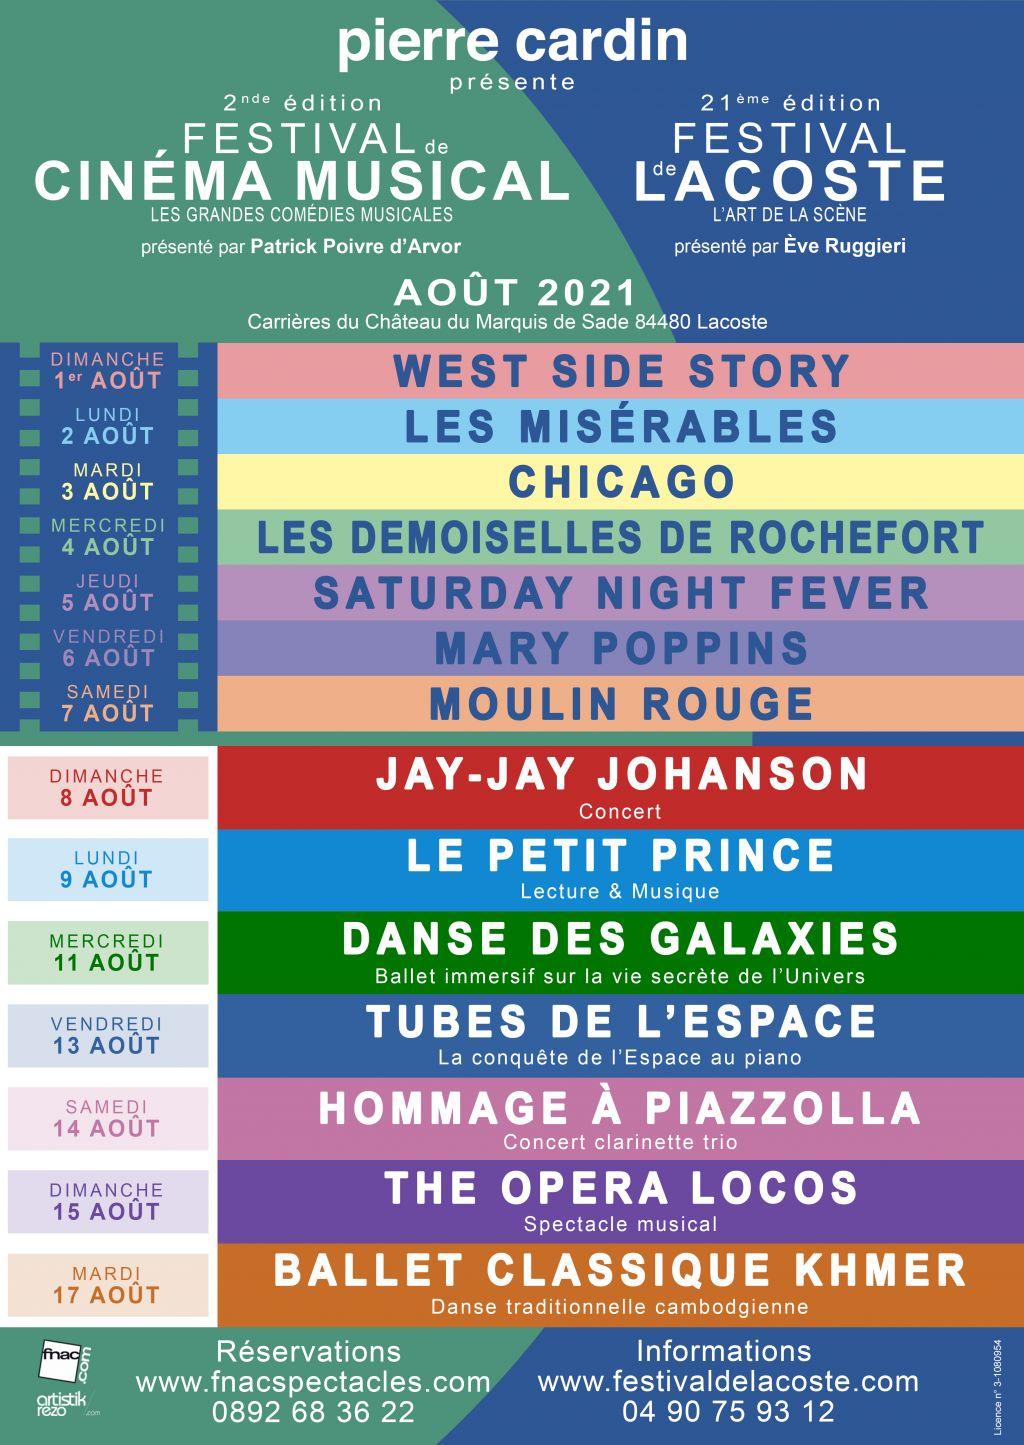 Festival de Lacoste 2021. 21ème édition du Festival de Lacoste  2ème édition du Festival du Cinéma Musical Château de Lacoste (Luberon) - 2021